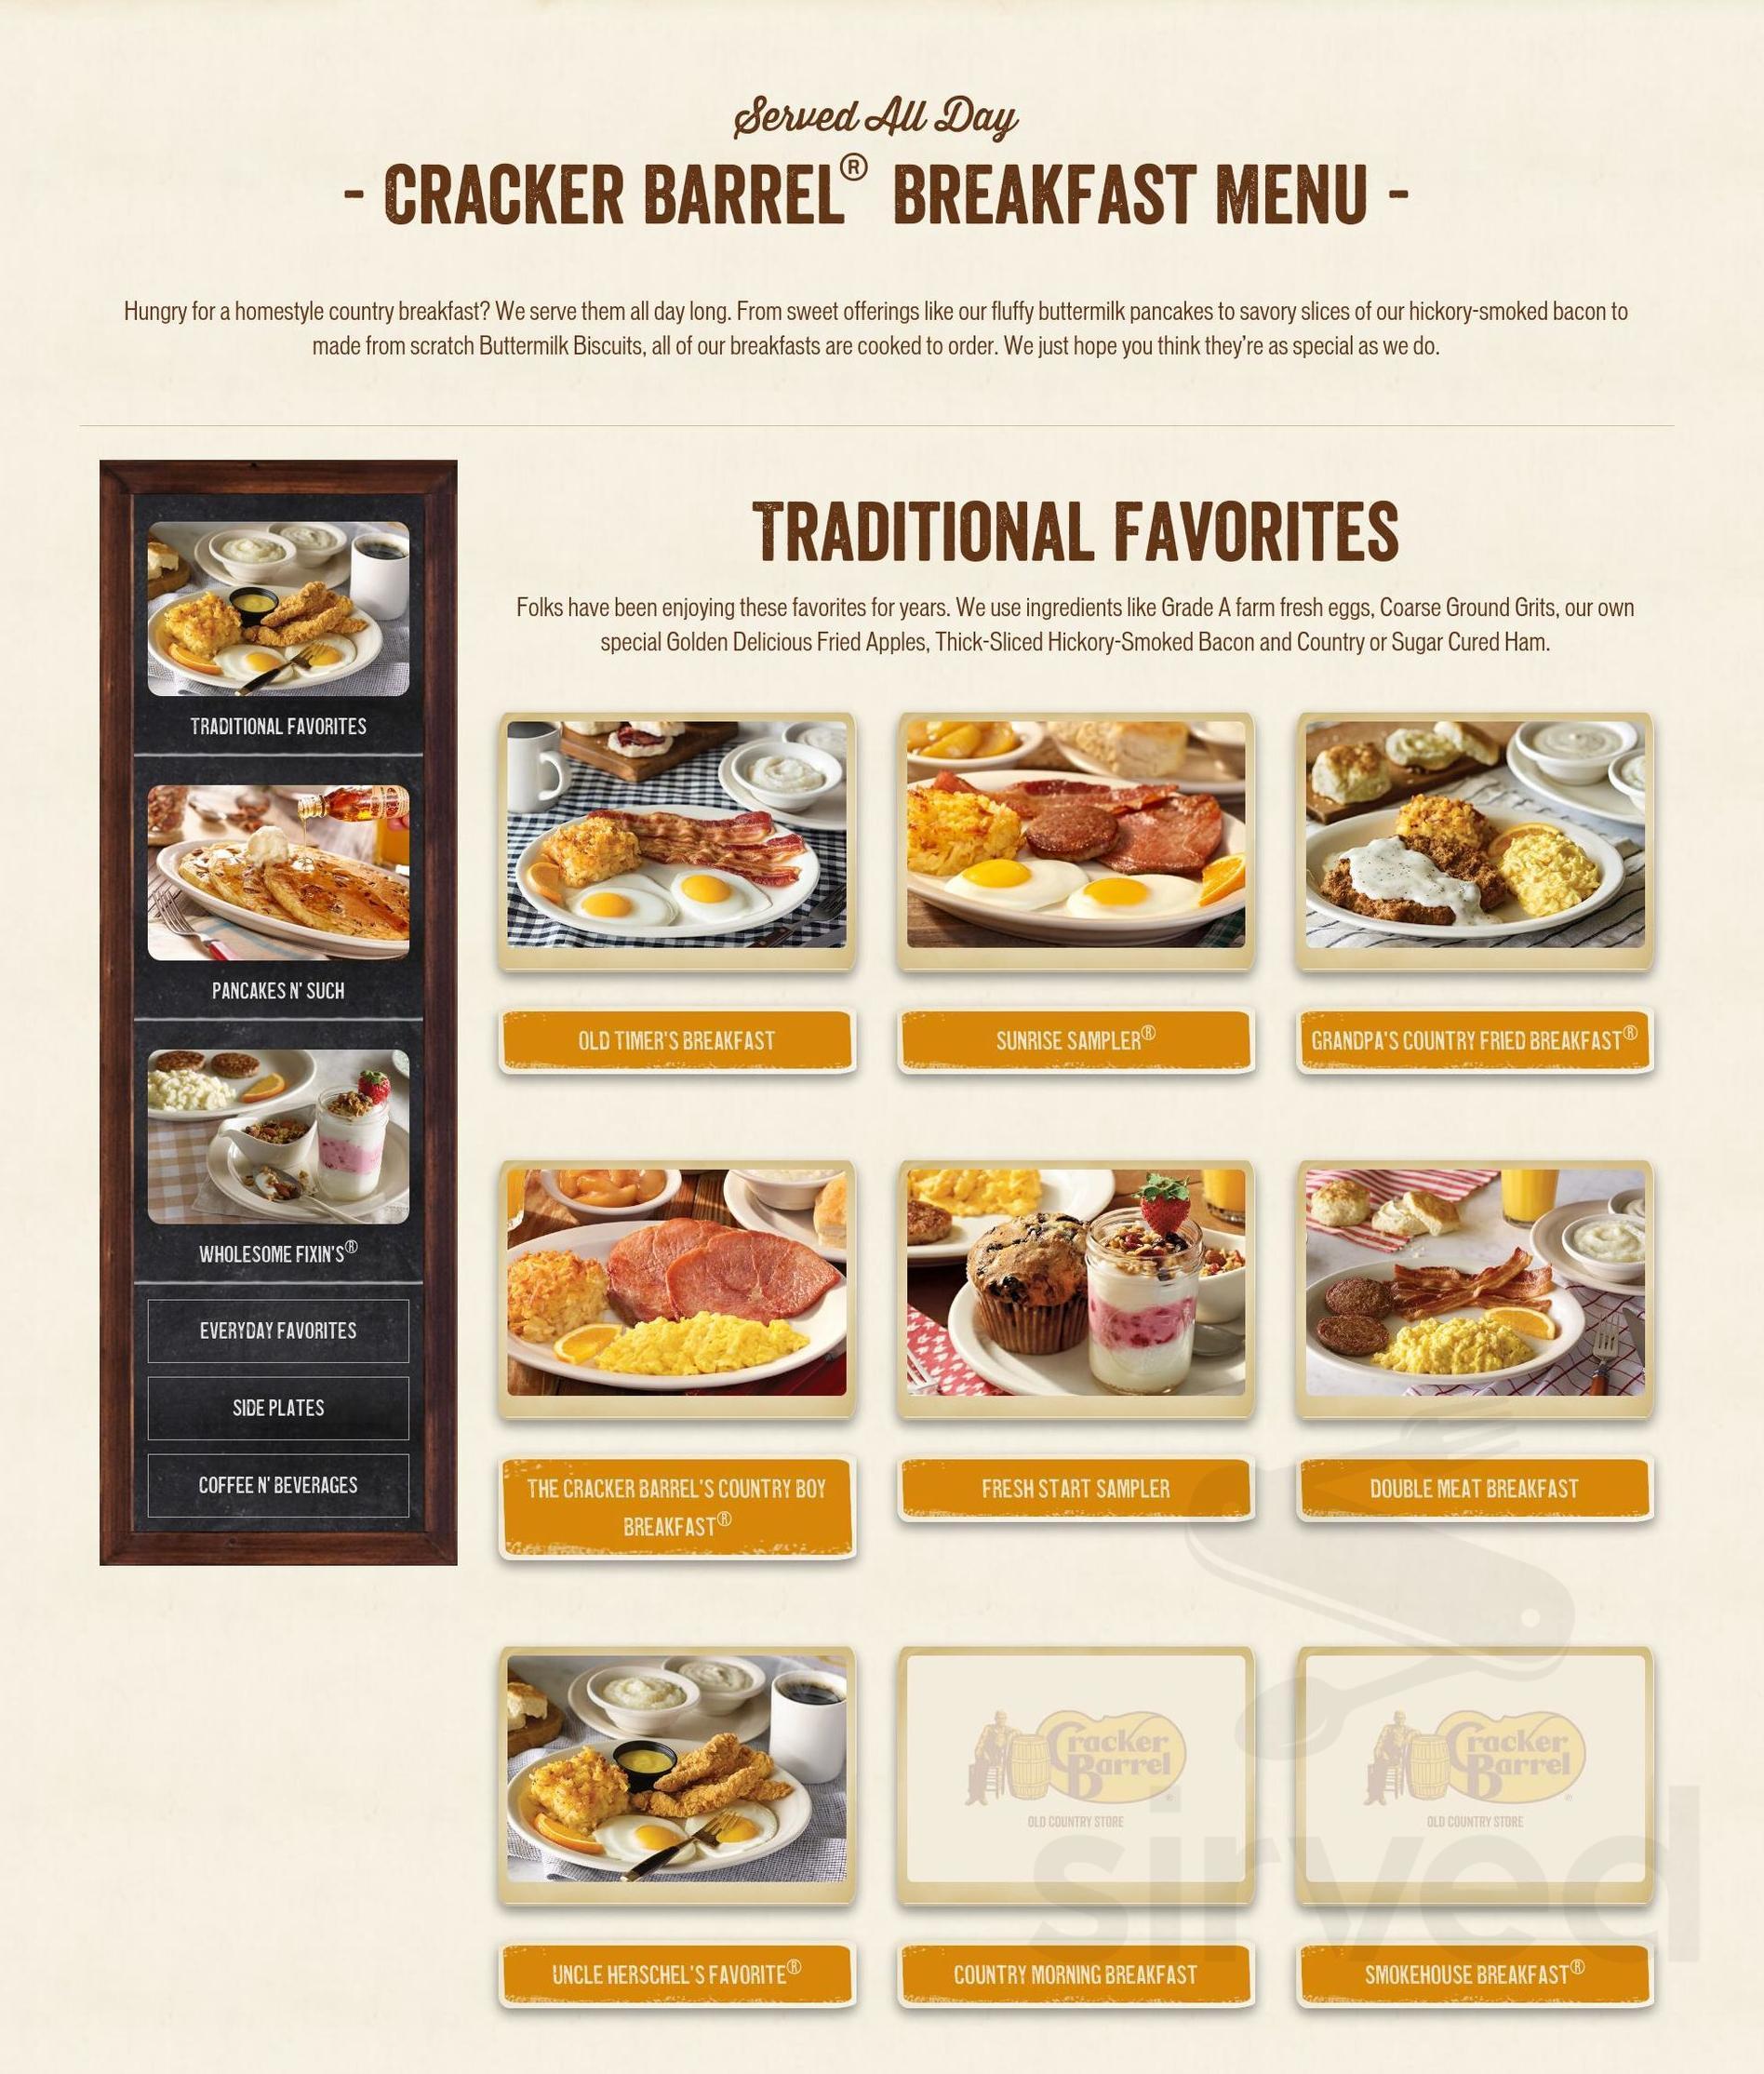 cracker barrel menu in flat rock north